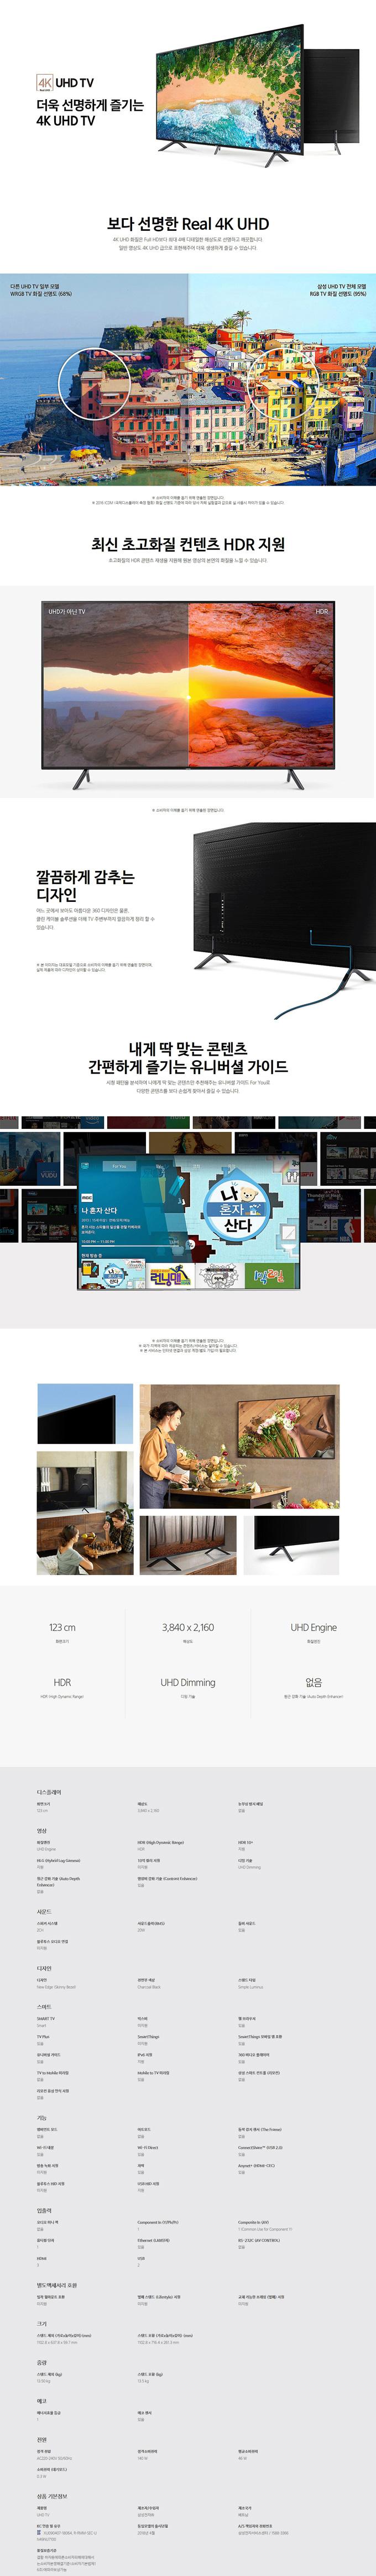 마포케이블 - 삼성 49인치 UHD TV (UN49NU7170FXKR) 상세보기